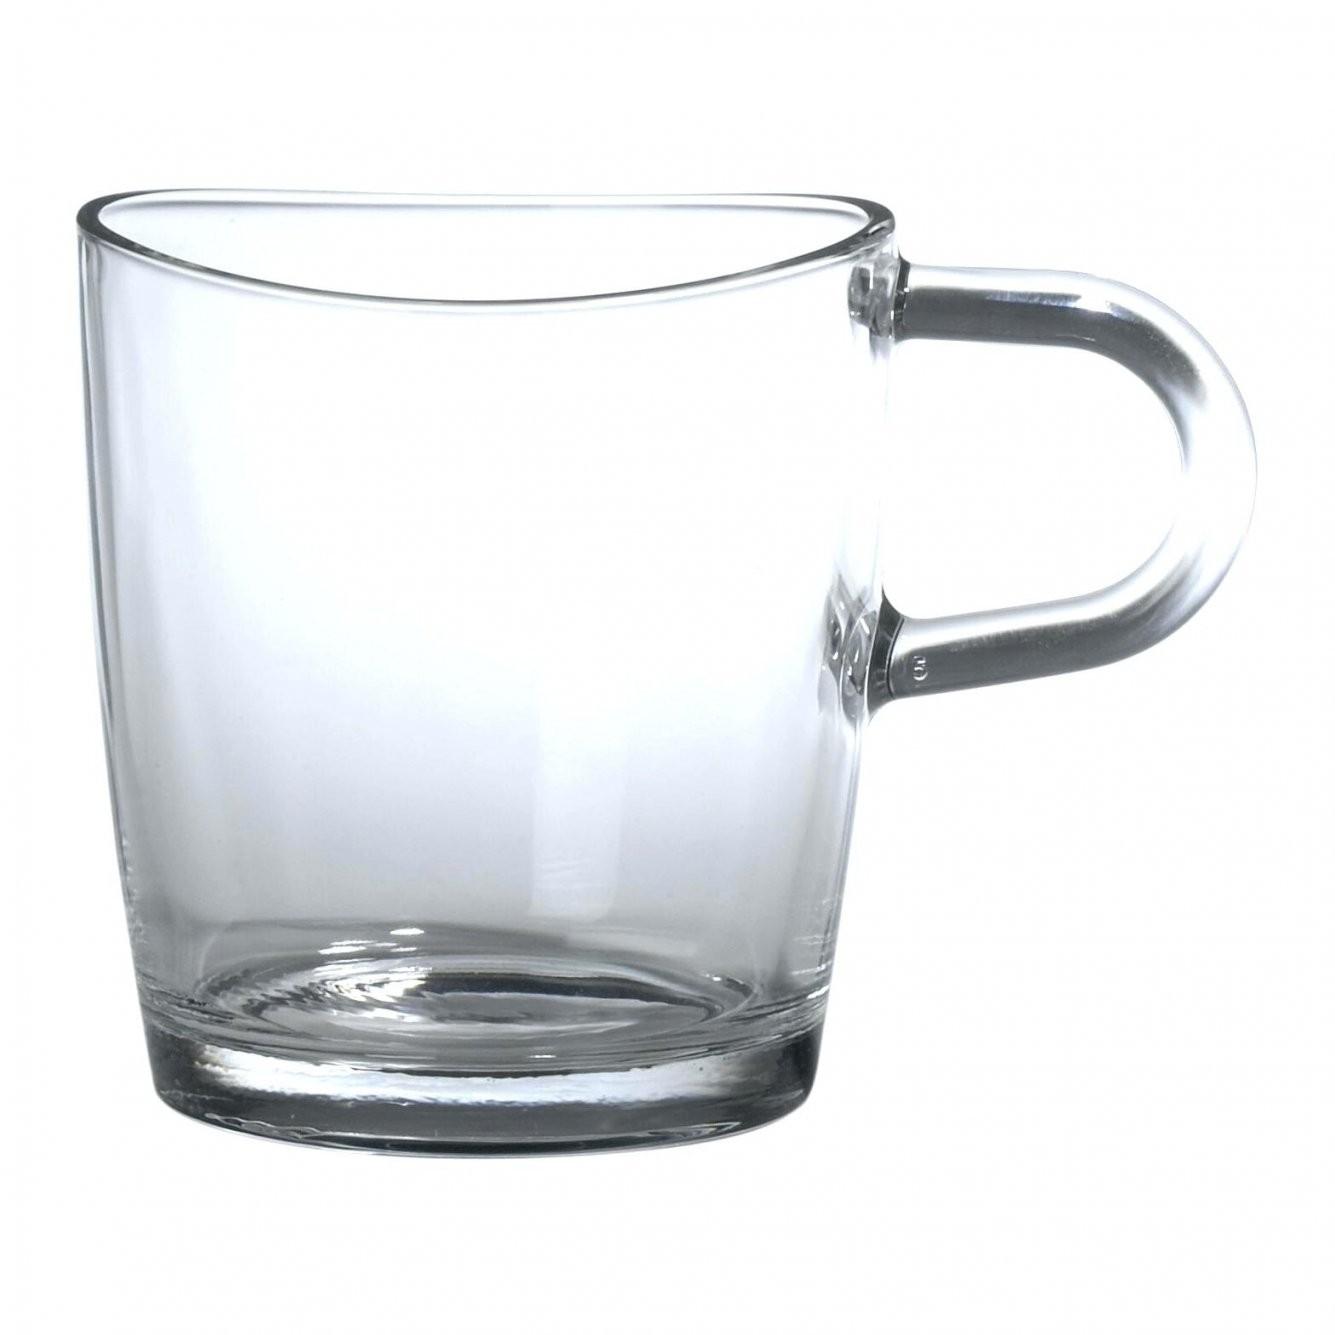 Kaffeetassen Aus Glas Gunstig Kaffeetasse Matt Doppelwandig von Kaffeetassen Set Glas Bild